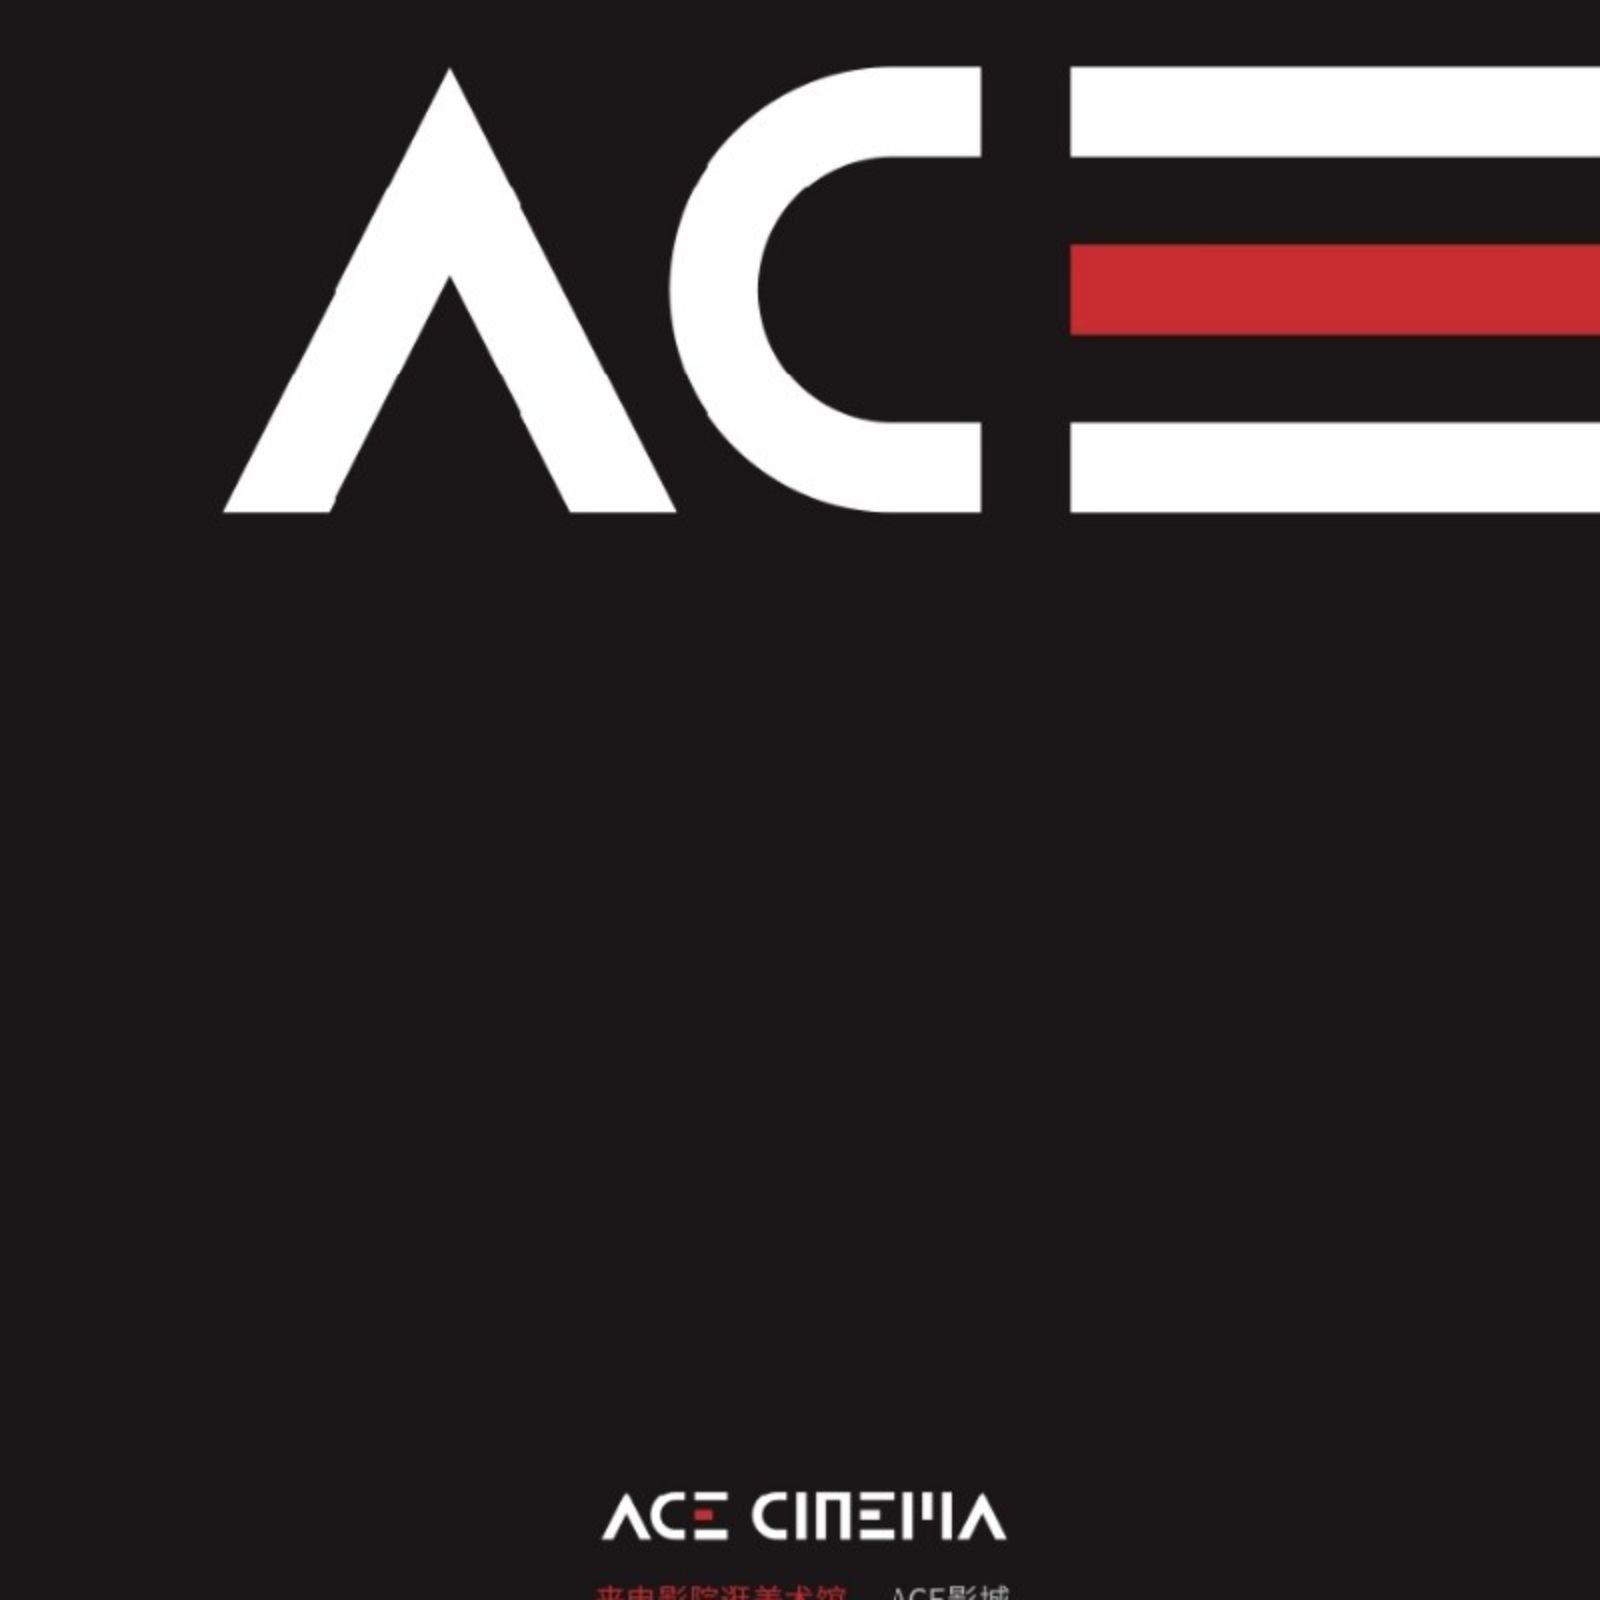 ACE艺术影城